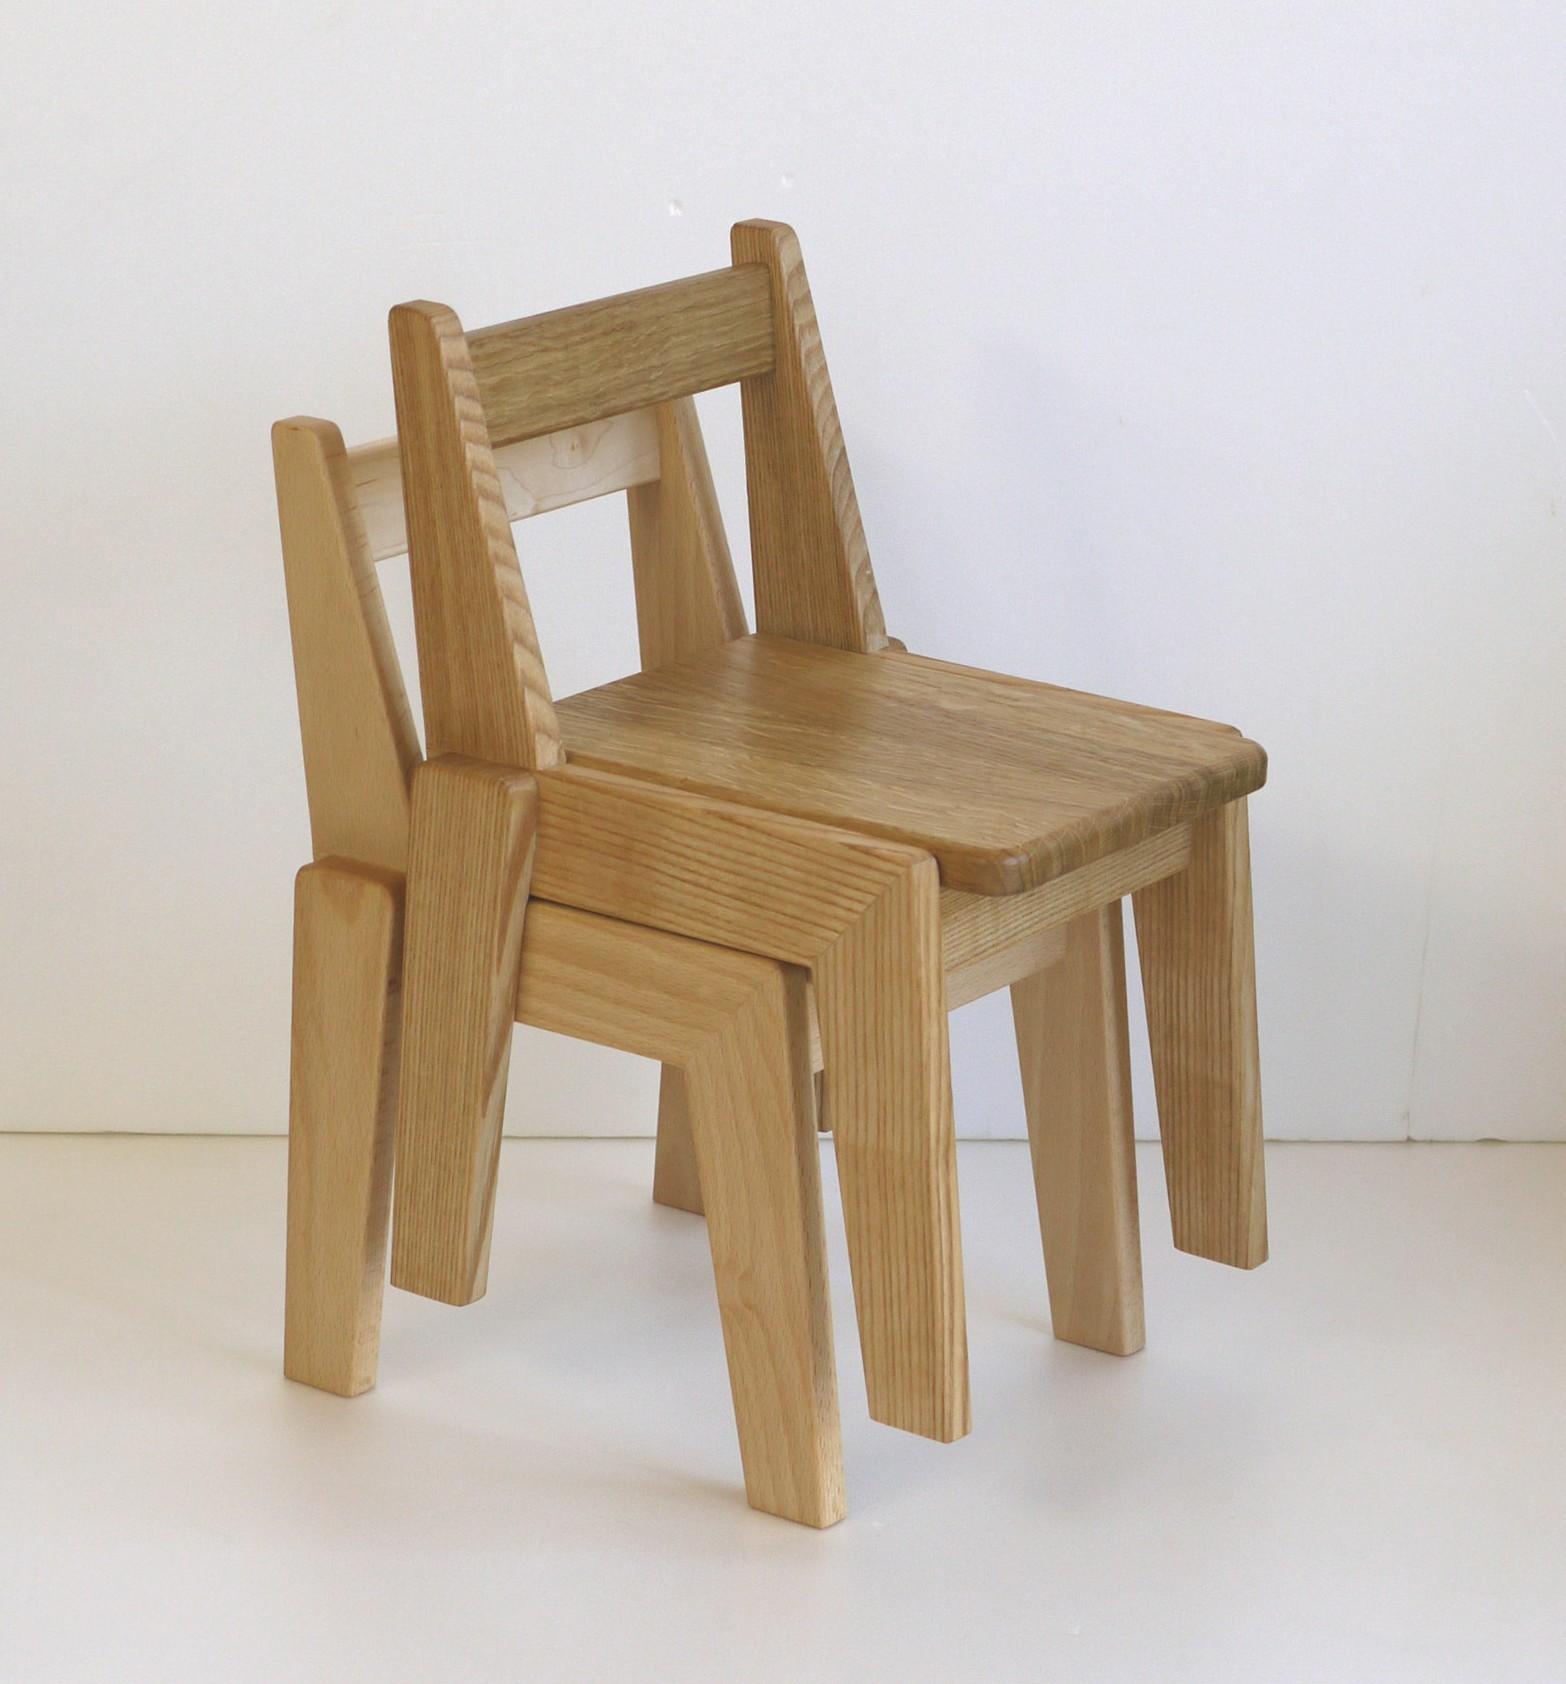 スタッキングできる椅子_c0138410_11493837.jpg